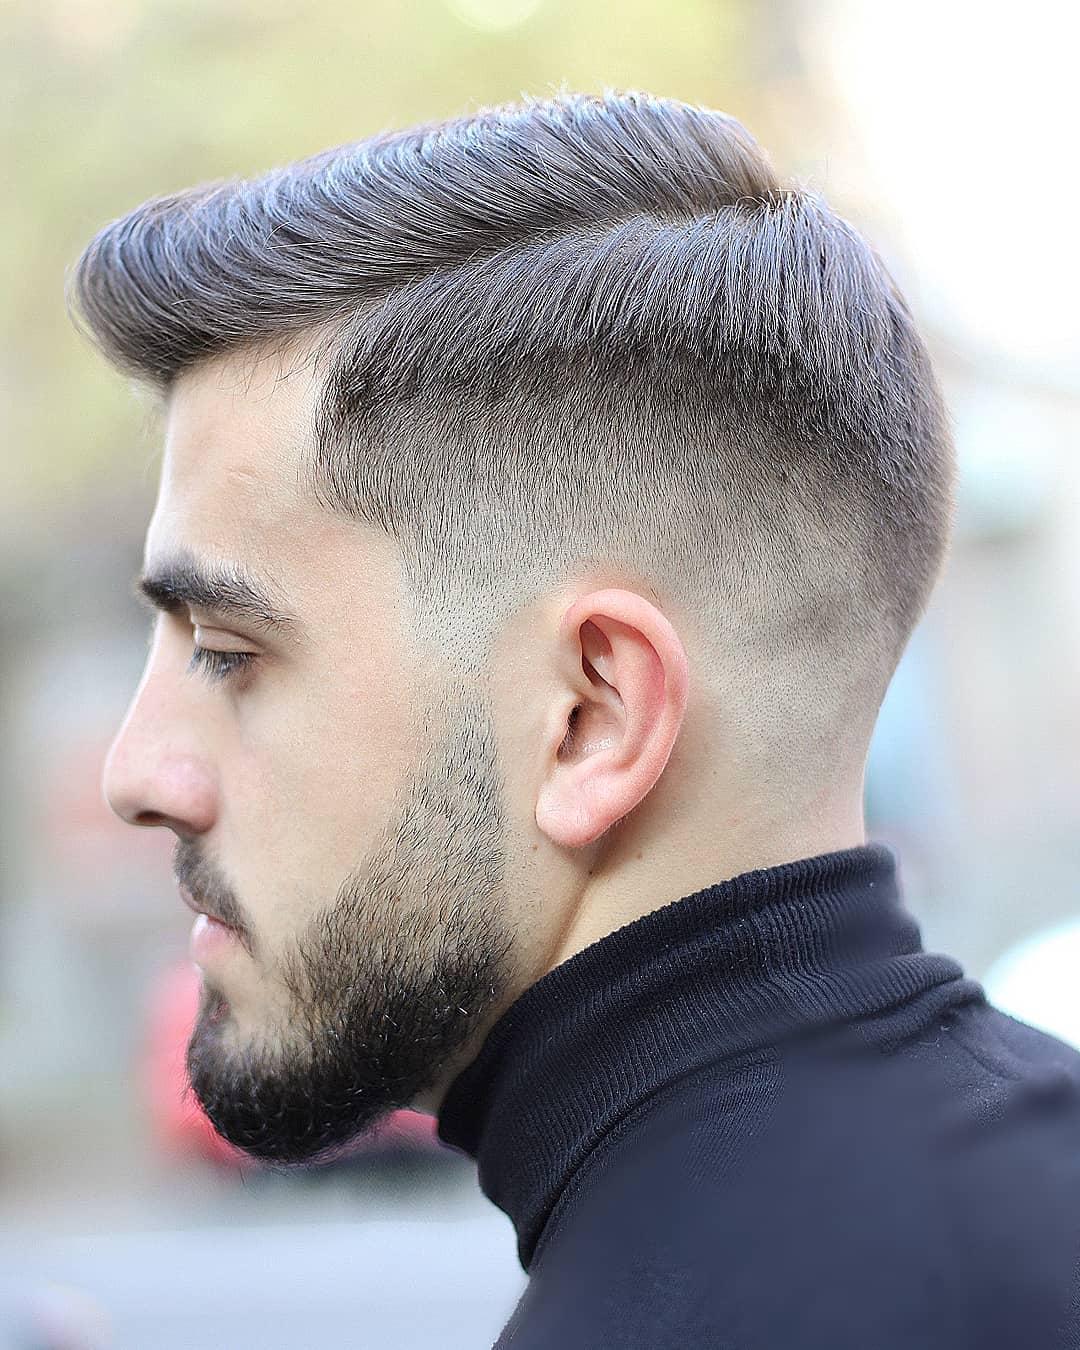 Homme aux cheveux bruns coiffés en peigne avec un dégradé bas.